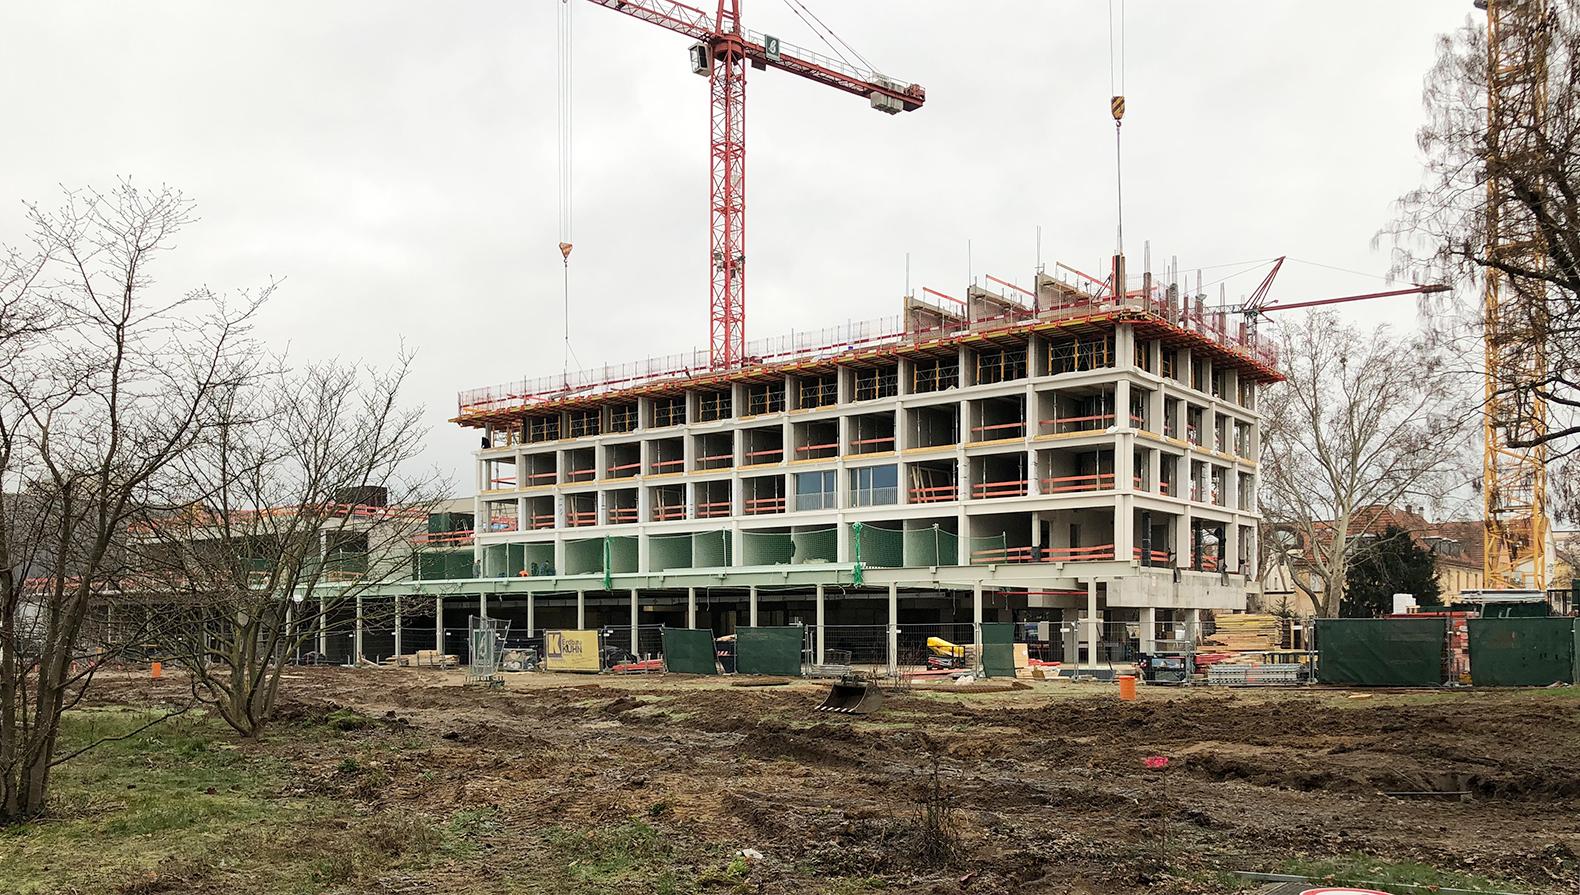 Die Baustelle im Februar 2019